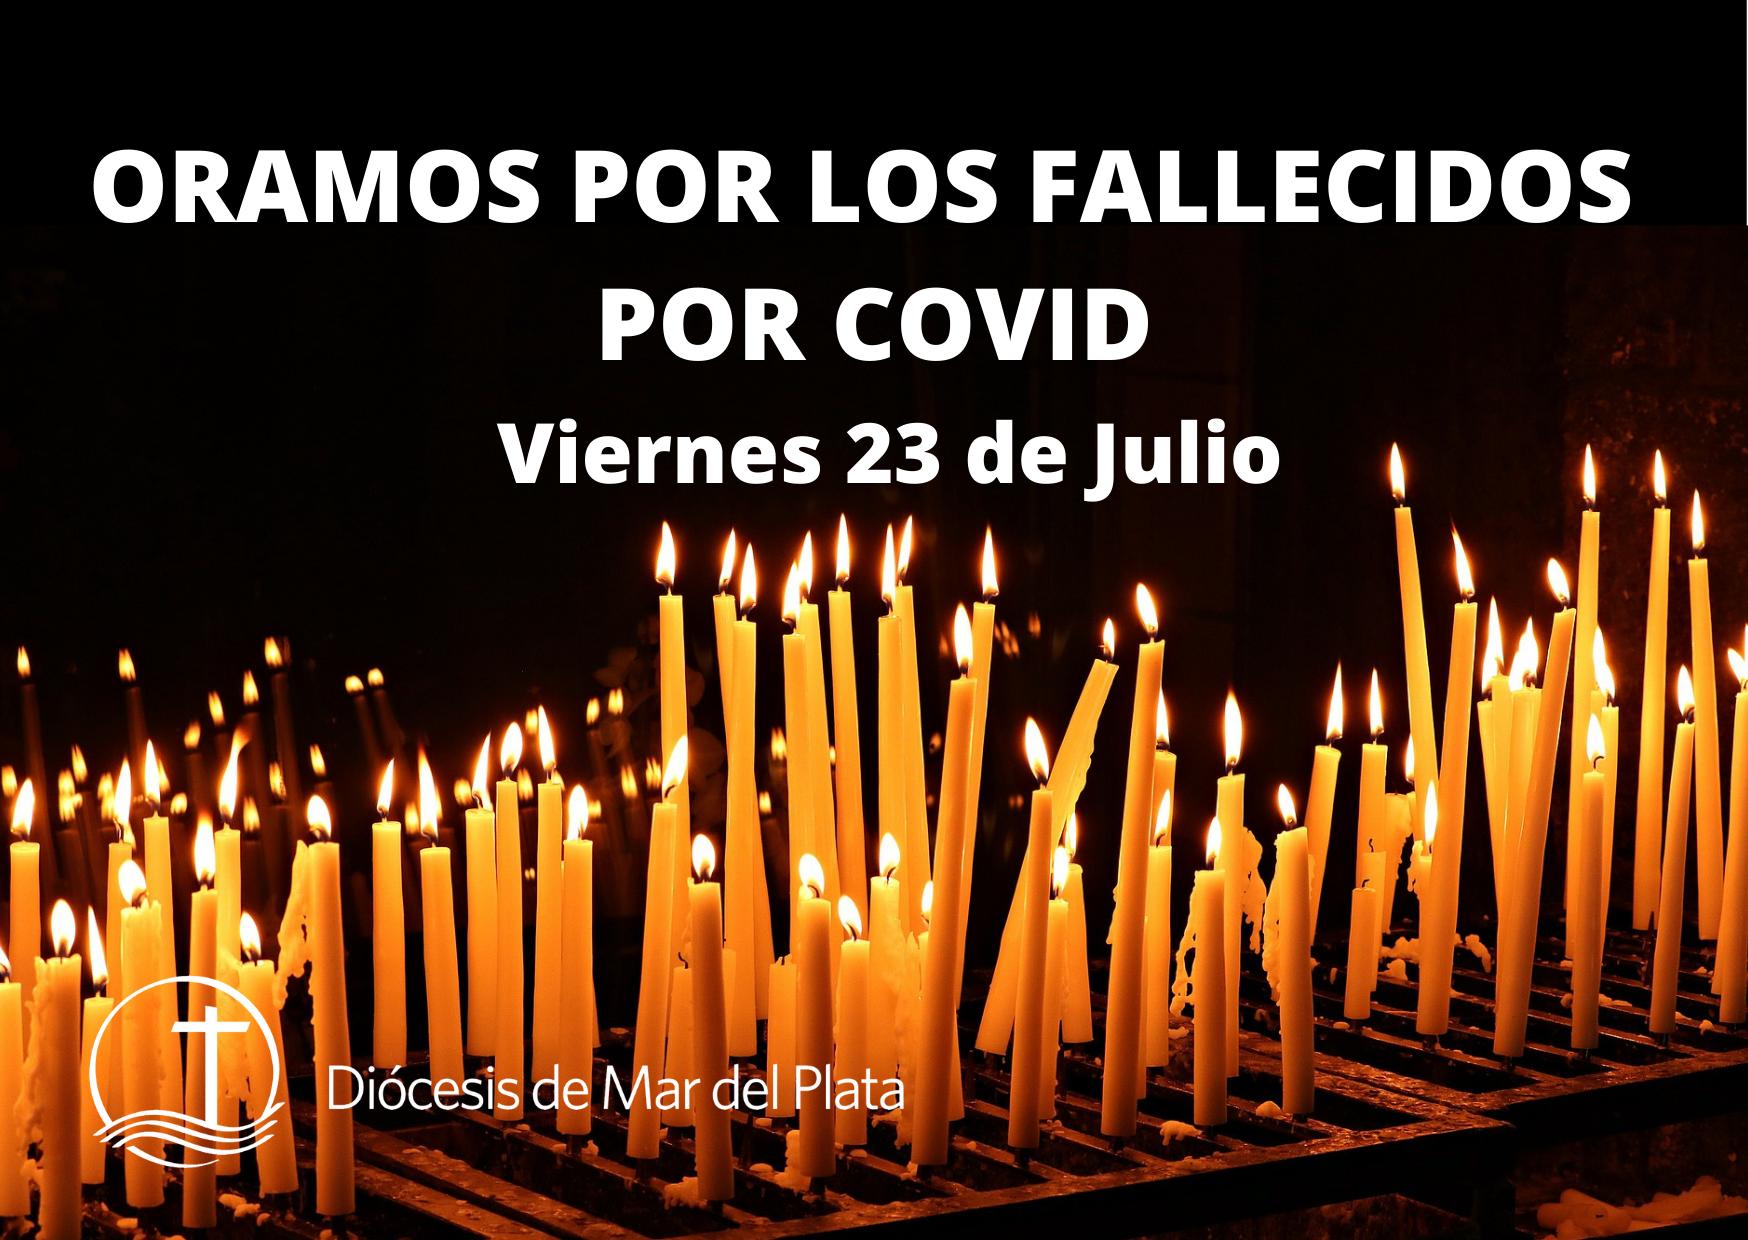 Invitan a rezar por los muertos por Covid